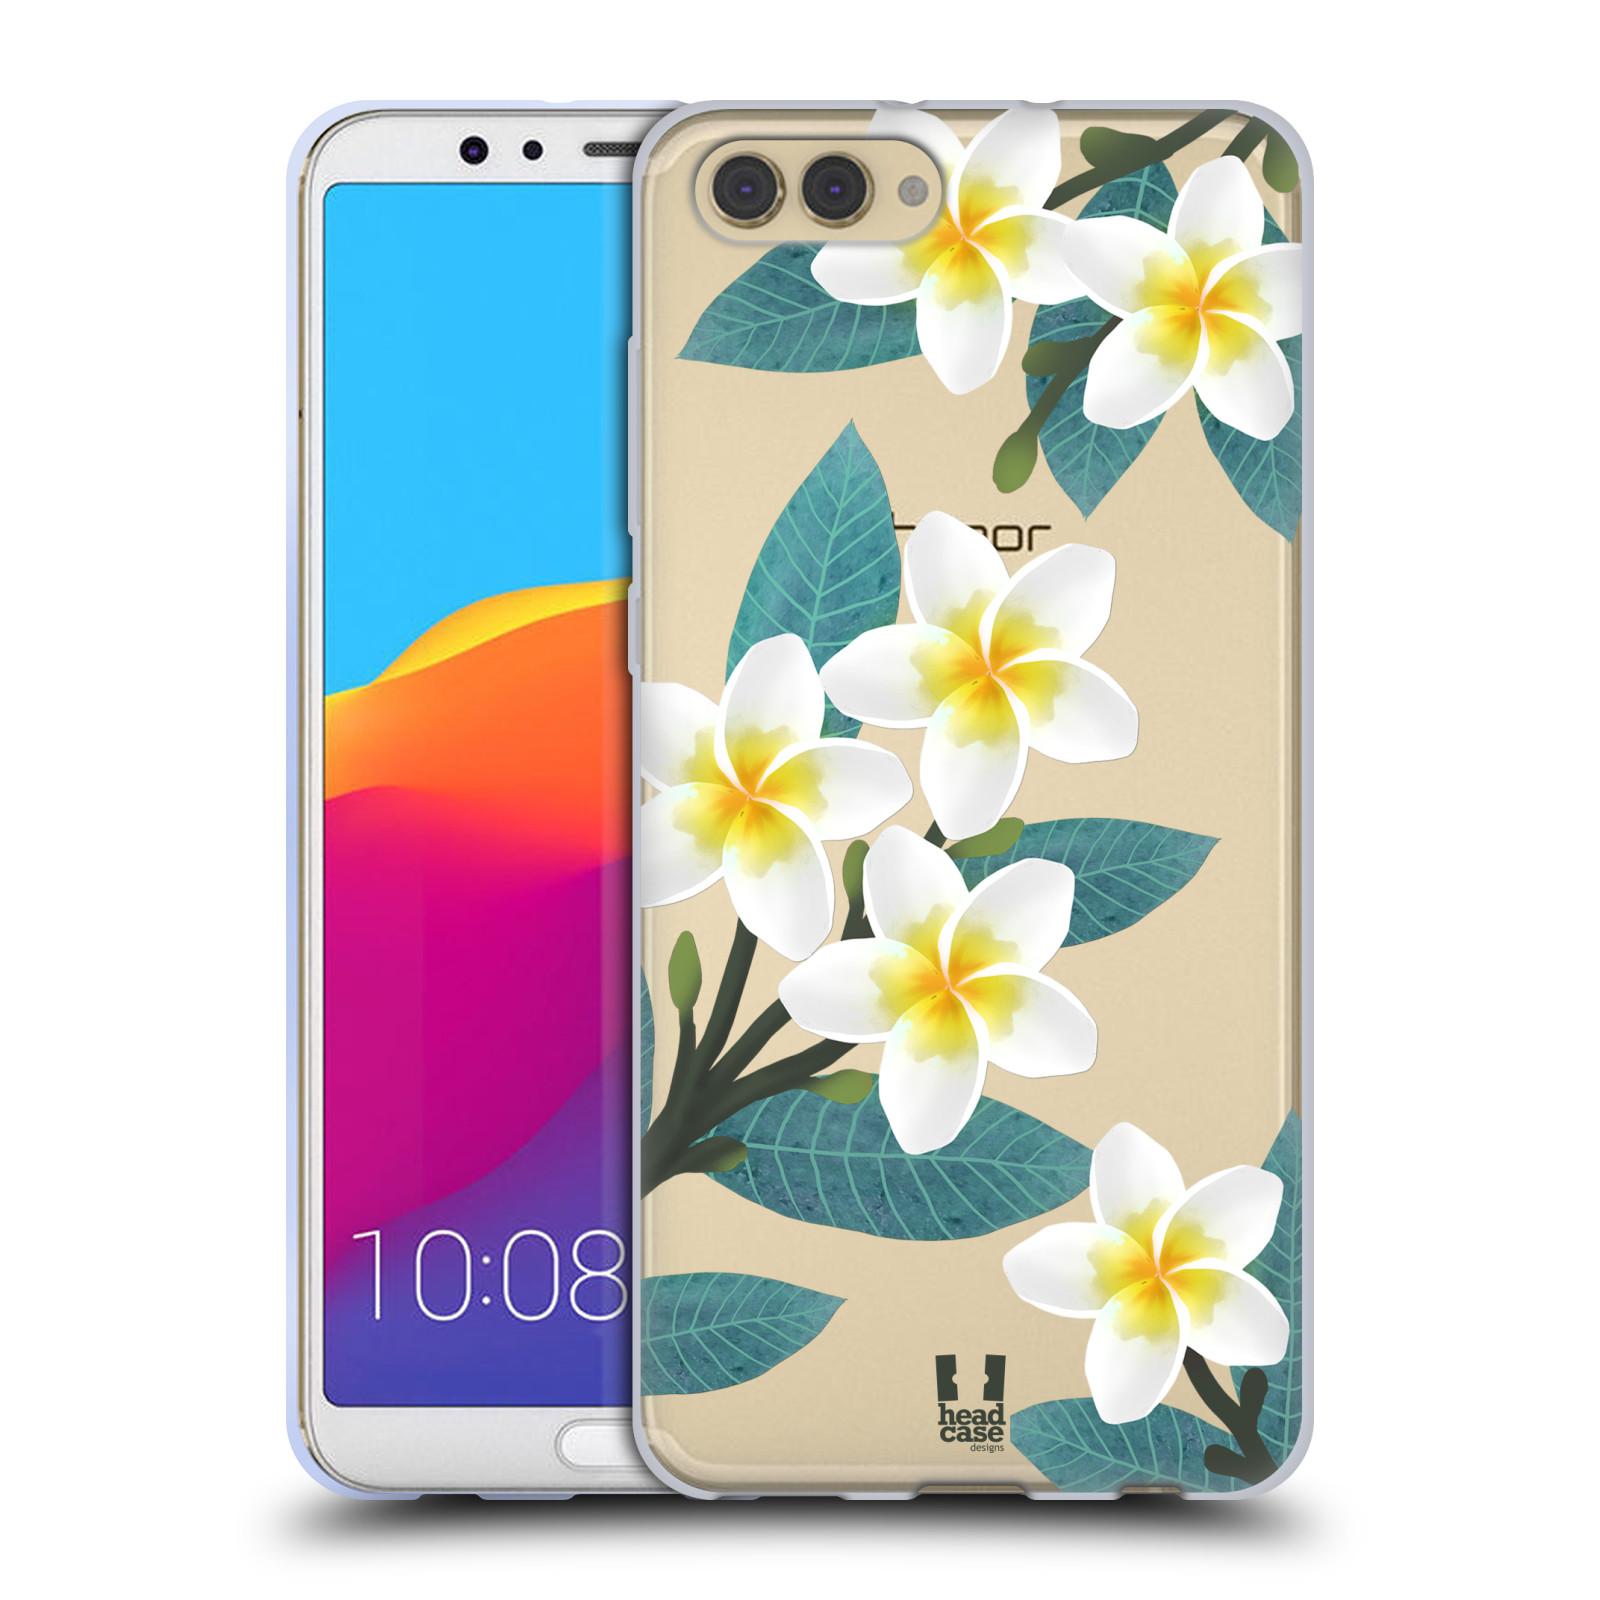 HEAD CASE silikonový obal na mobil Huawei HONOR VIEW 10 / V10 květinové vzory Plumérie